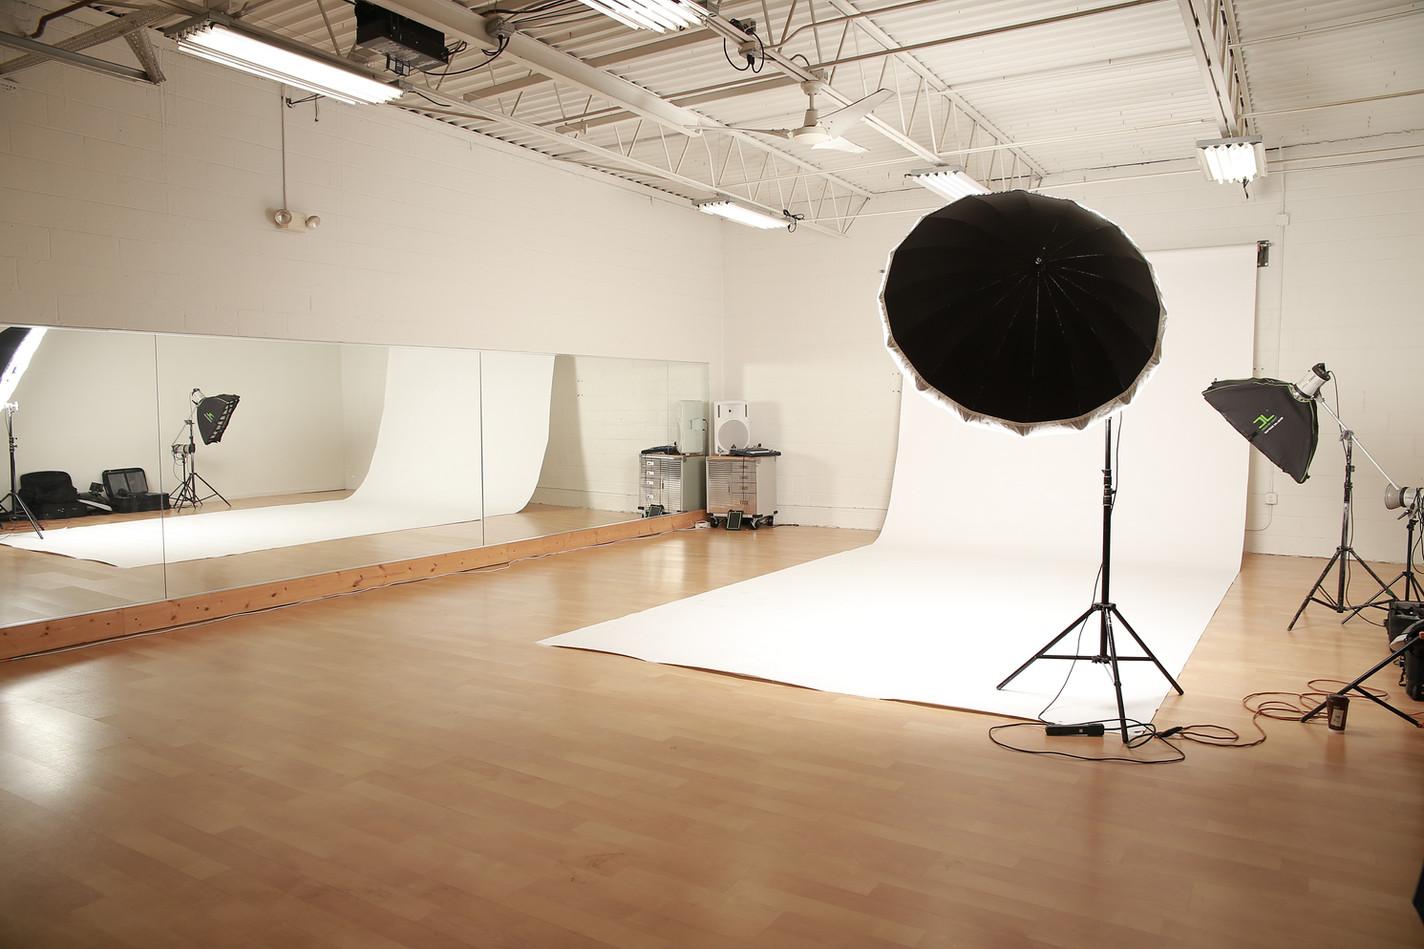 Photoshoot Set-up